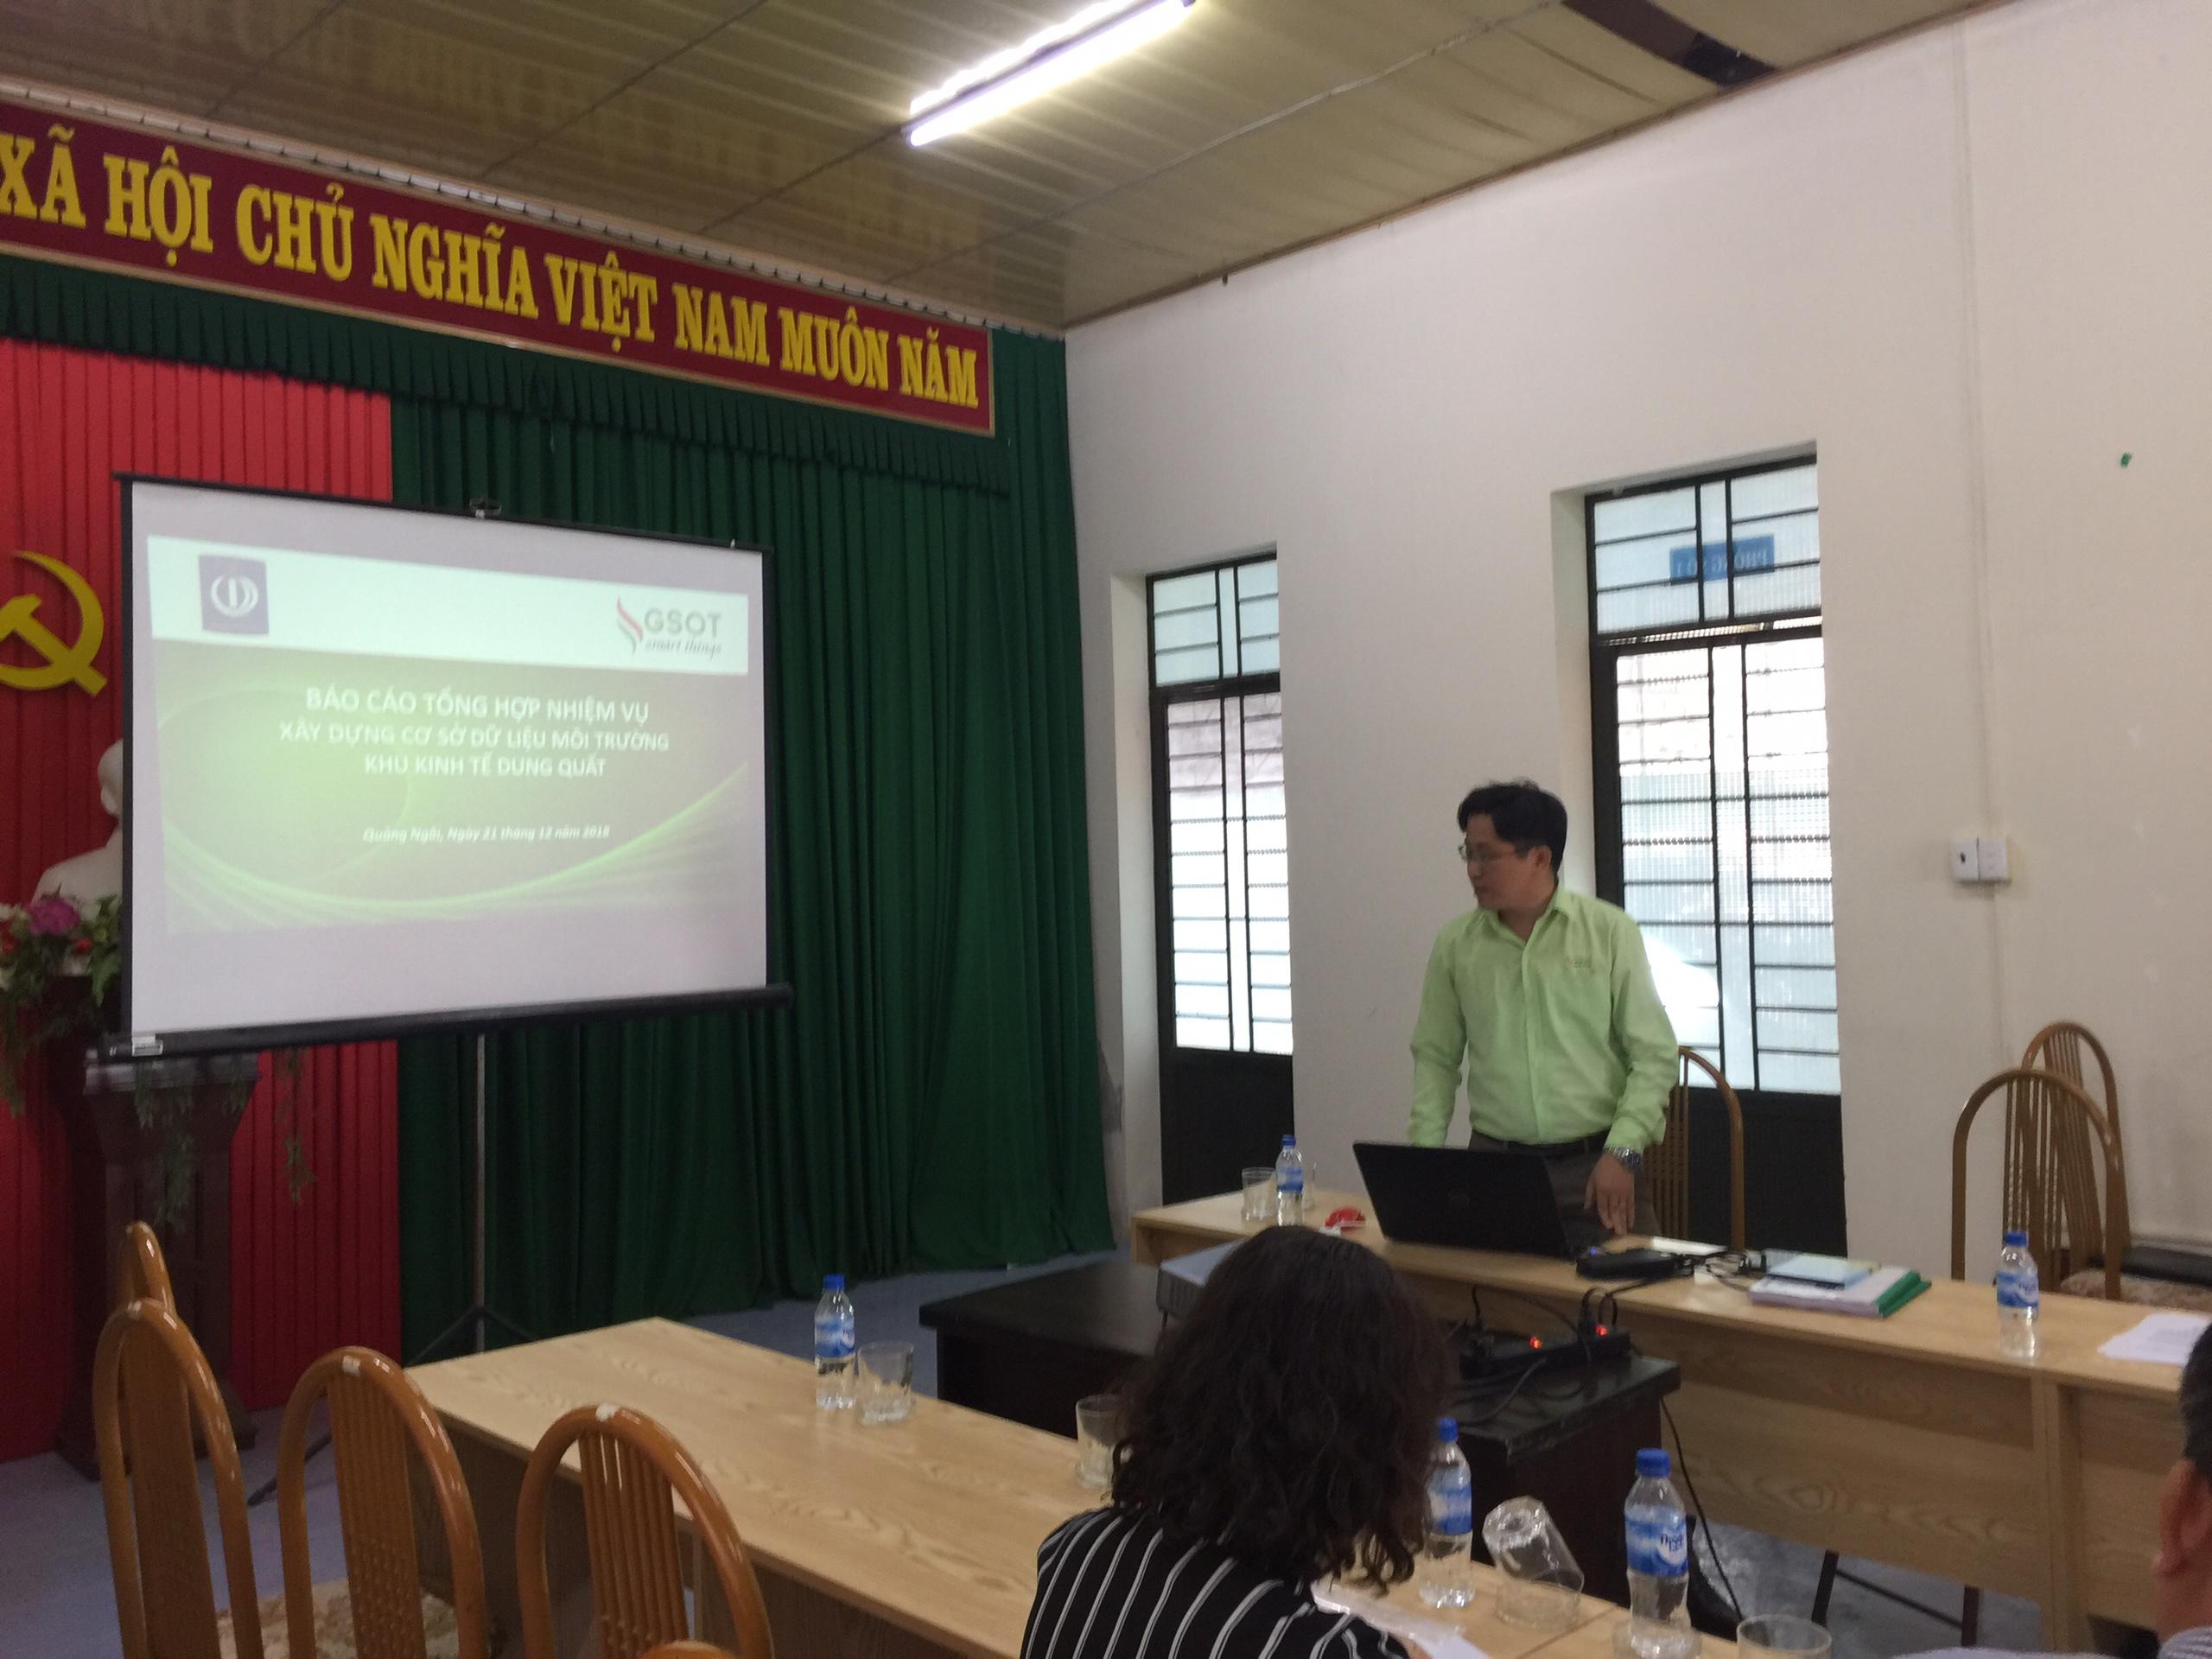 Ông Cao Duy Trường - Tổng giám đốc công ty, giới thiệu về phần mềm môi trường